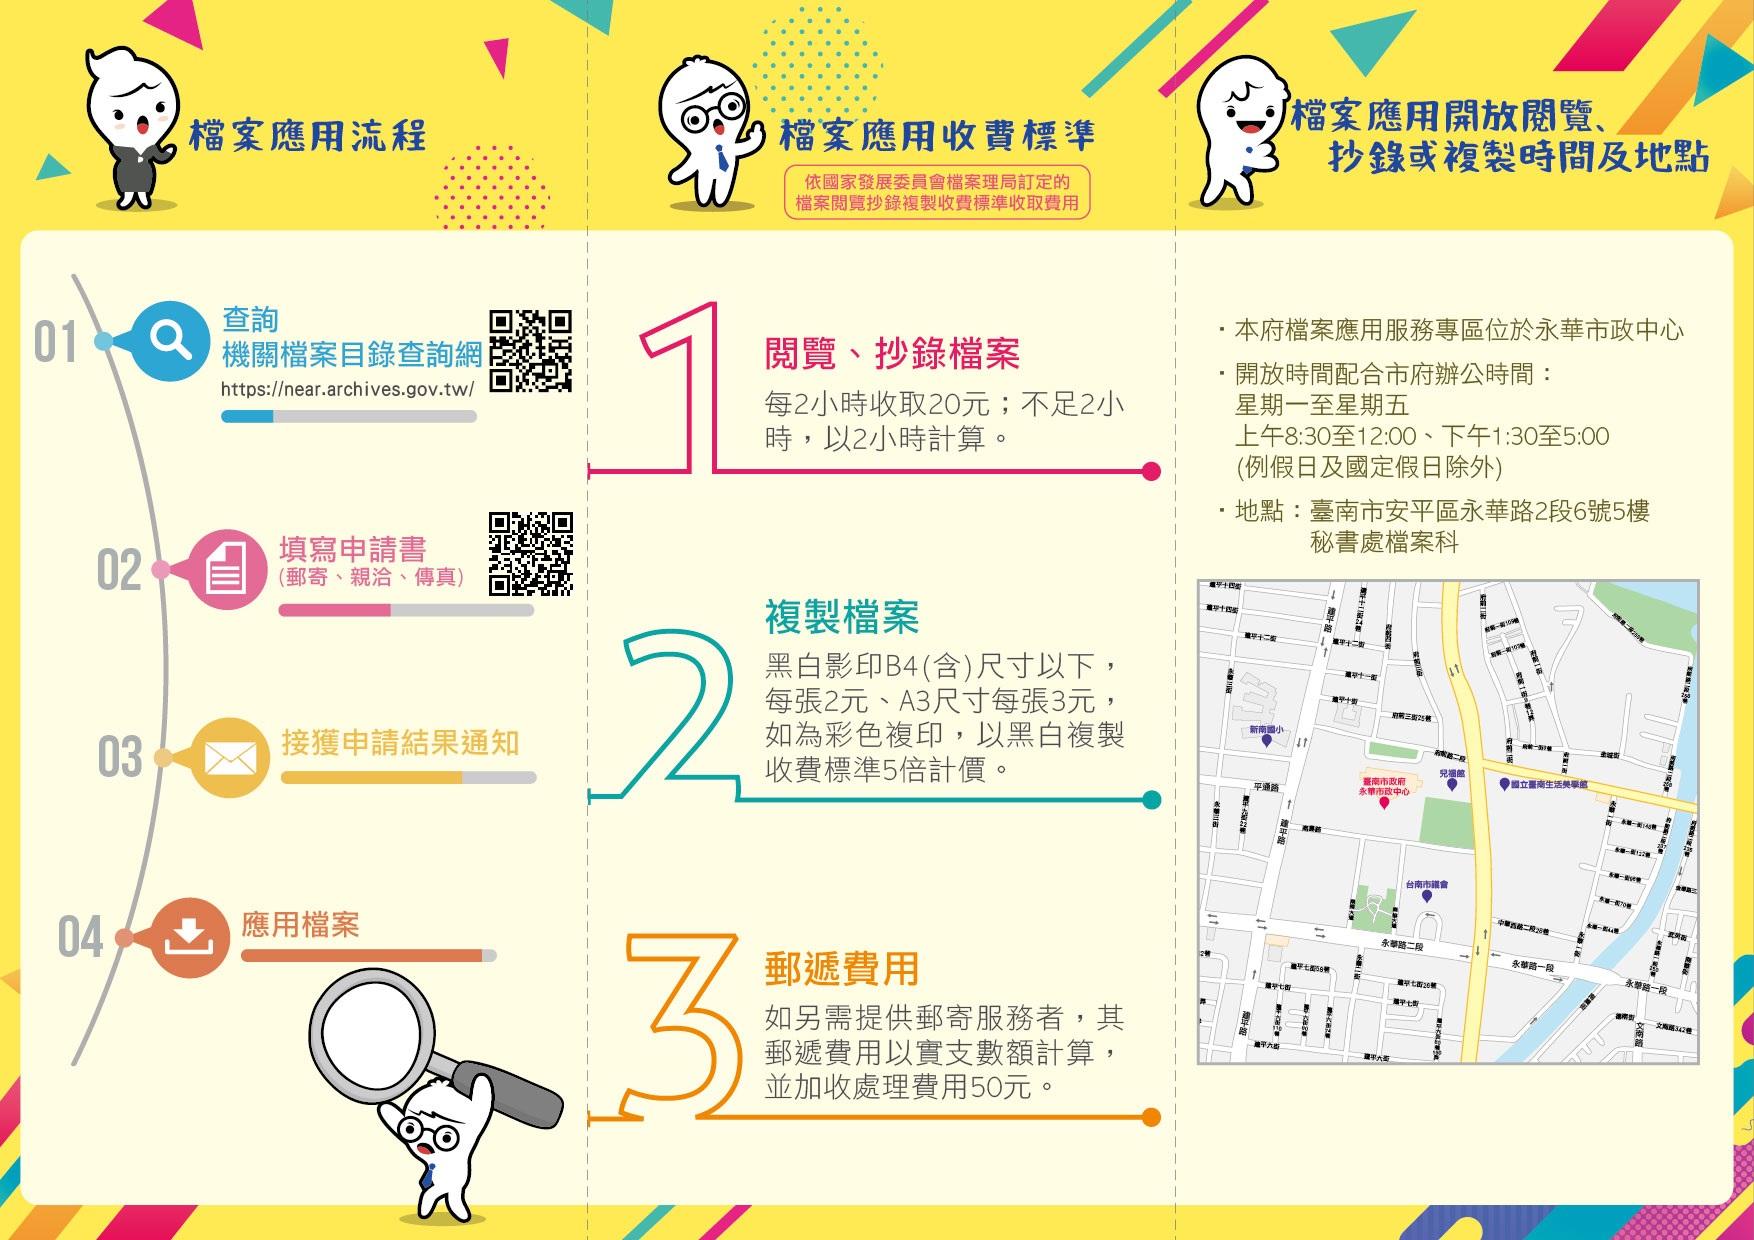 臺南市政府檔案應用流程圖2